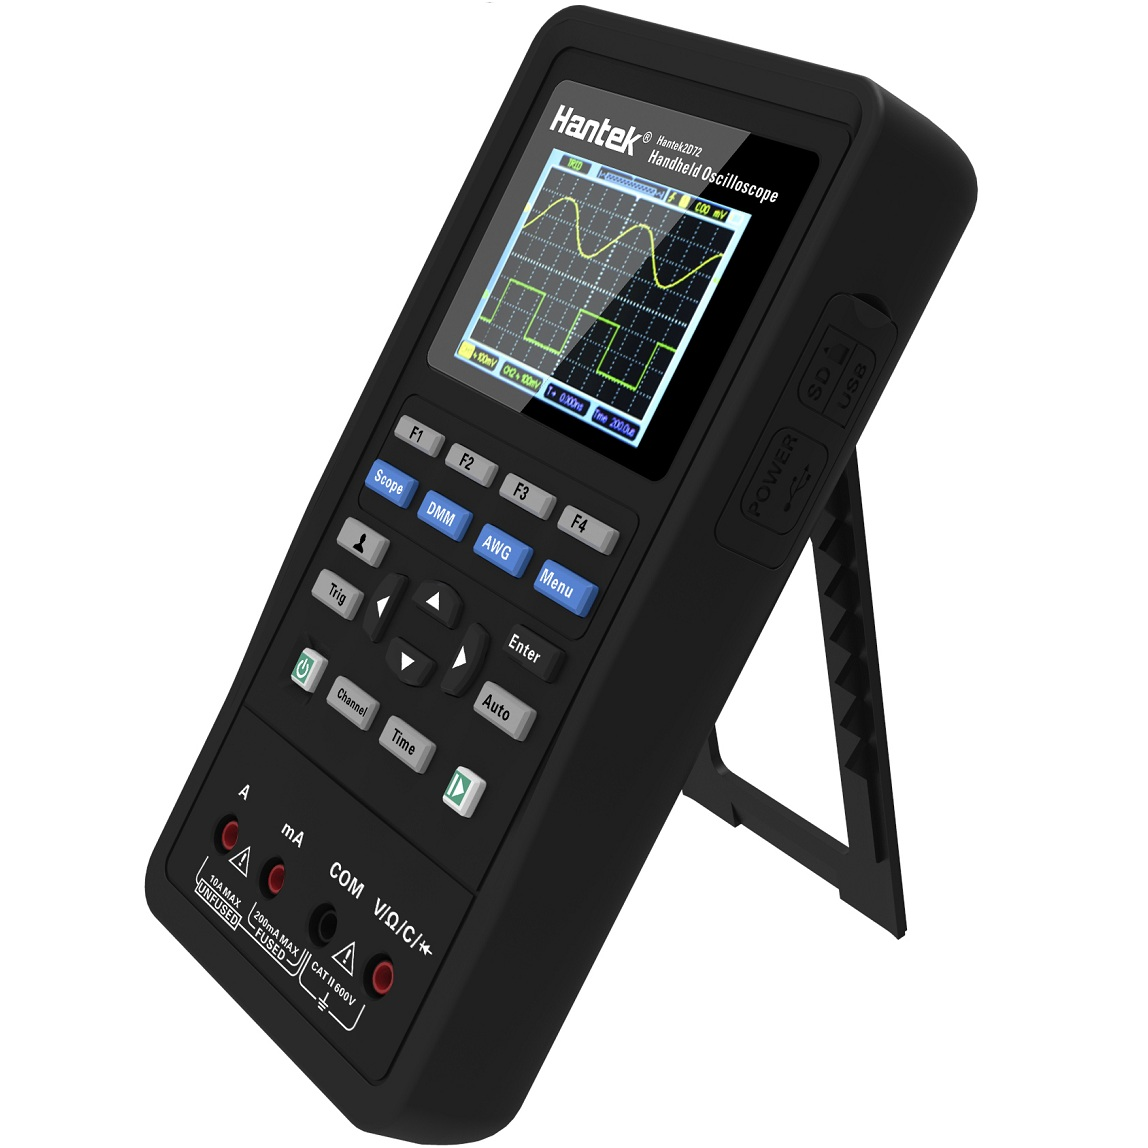 Hantek 3in1 Digitale Oscilloscopio + Generatore di Forme D'onda + Multimetro Portatile USB 2 Canali 40 mhz 70 mhz Display LCD di Prova strumenti metro